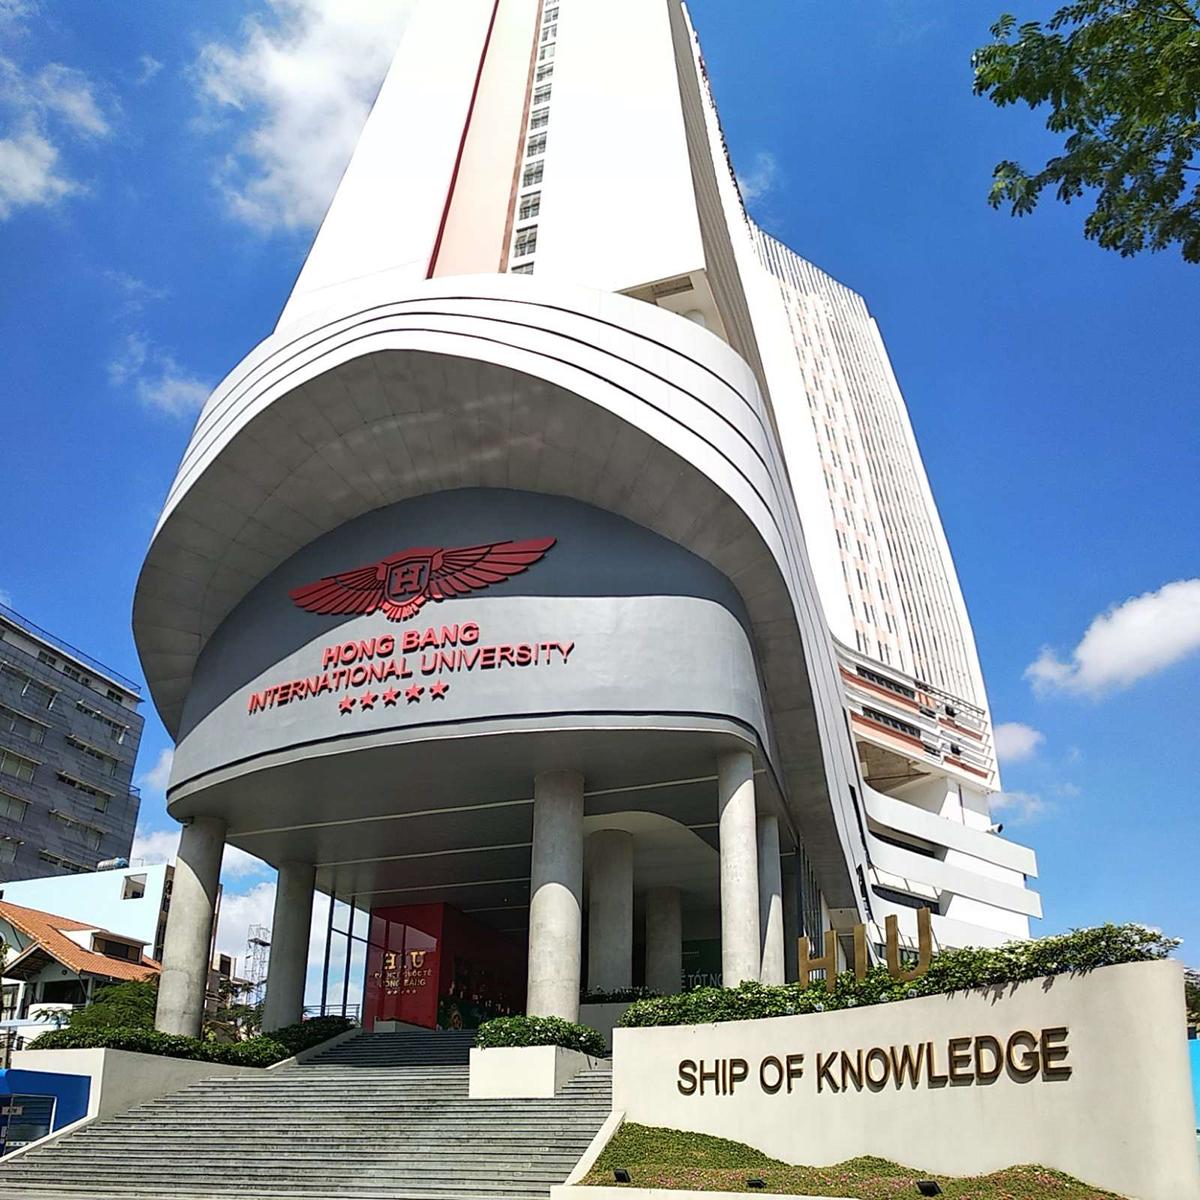 Tòa nhà Ship of Knowledge với 25 tầng với 105 phòng học, phòng thí nghiệm và thực hành đáp ứng nhu cầu dạy và học cho chương trình du học tại chỗ, liên kết quốc tế công nghệ 4.0.